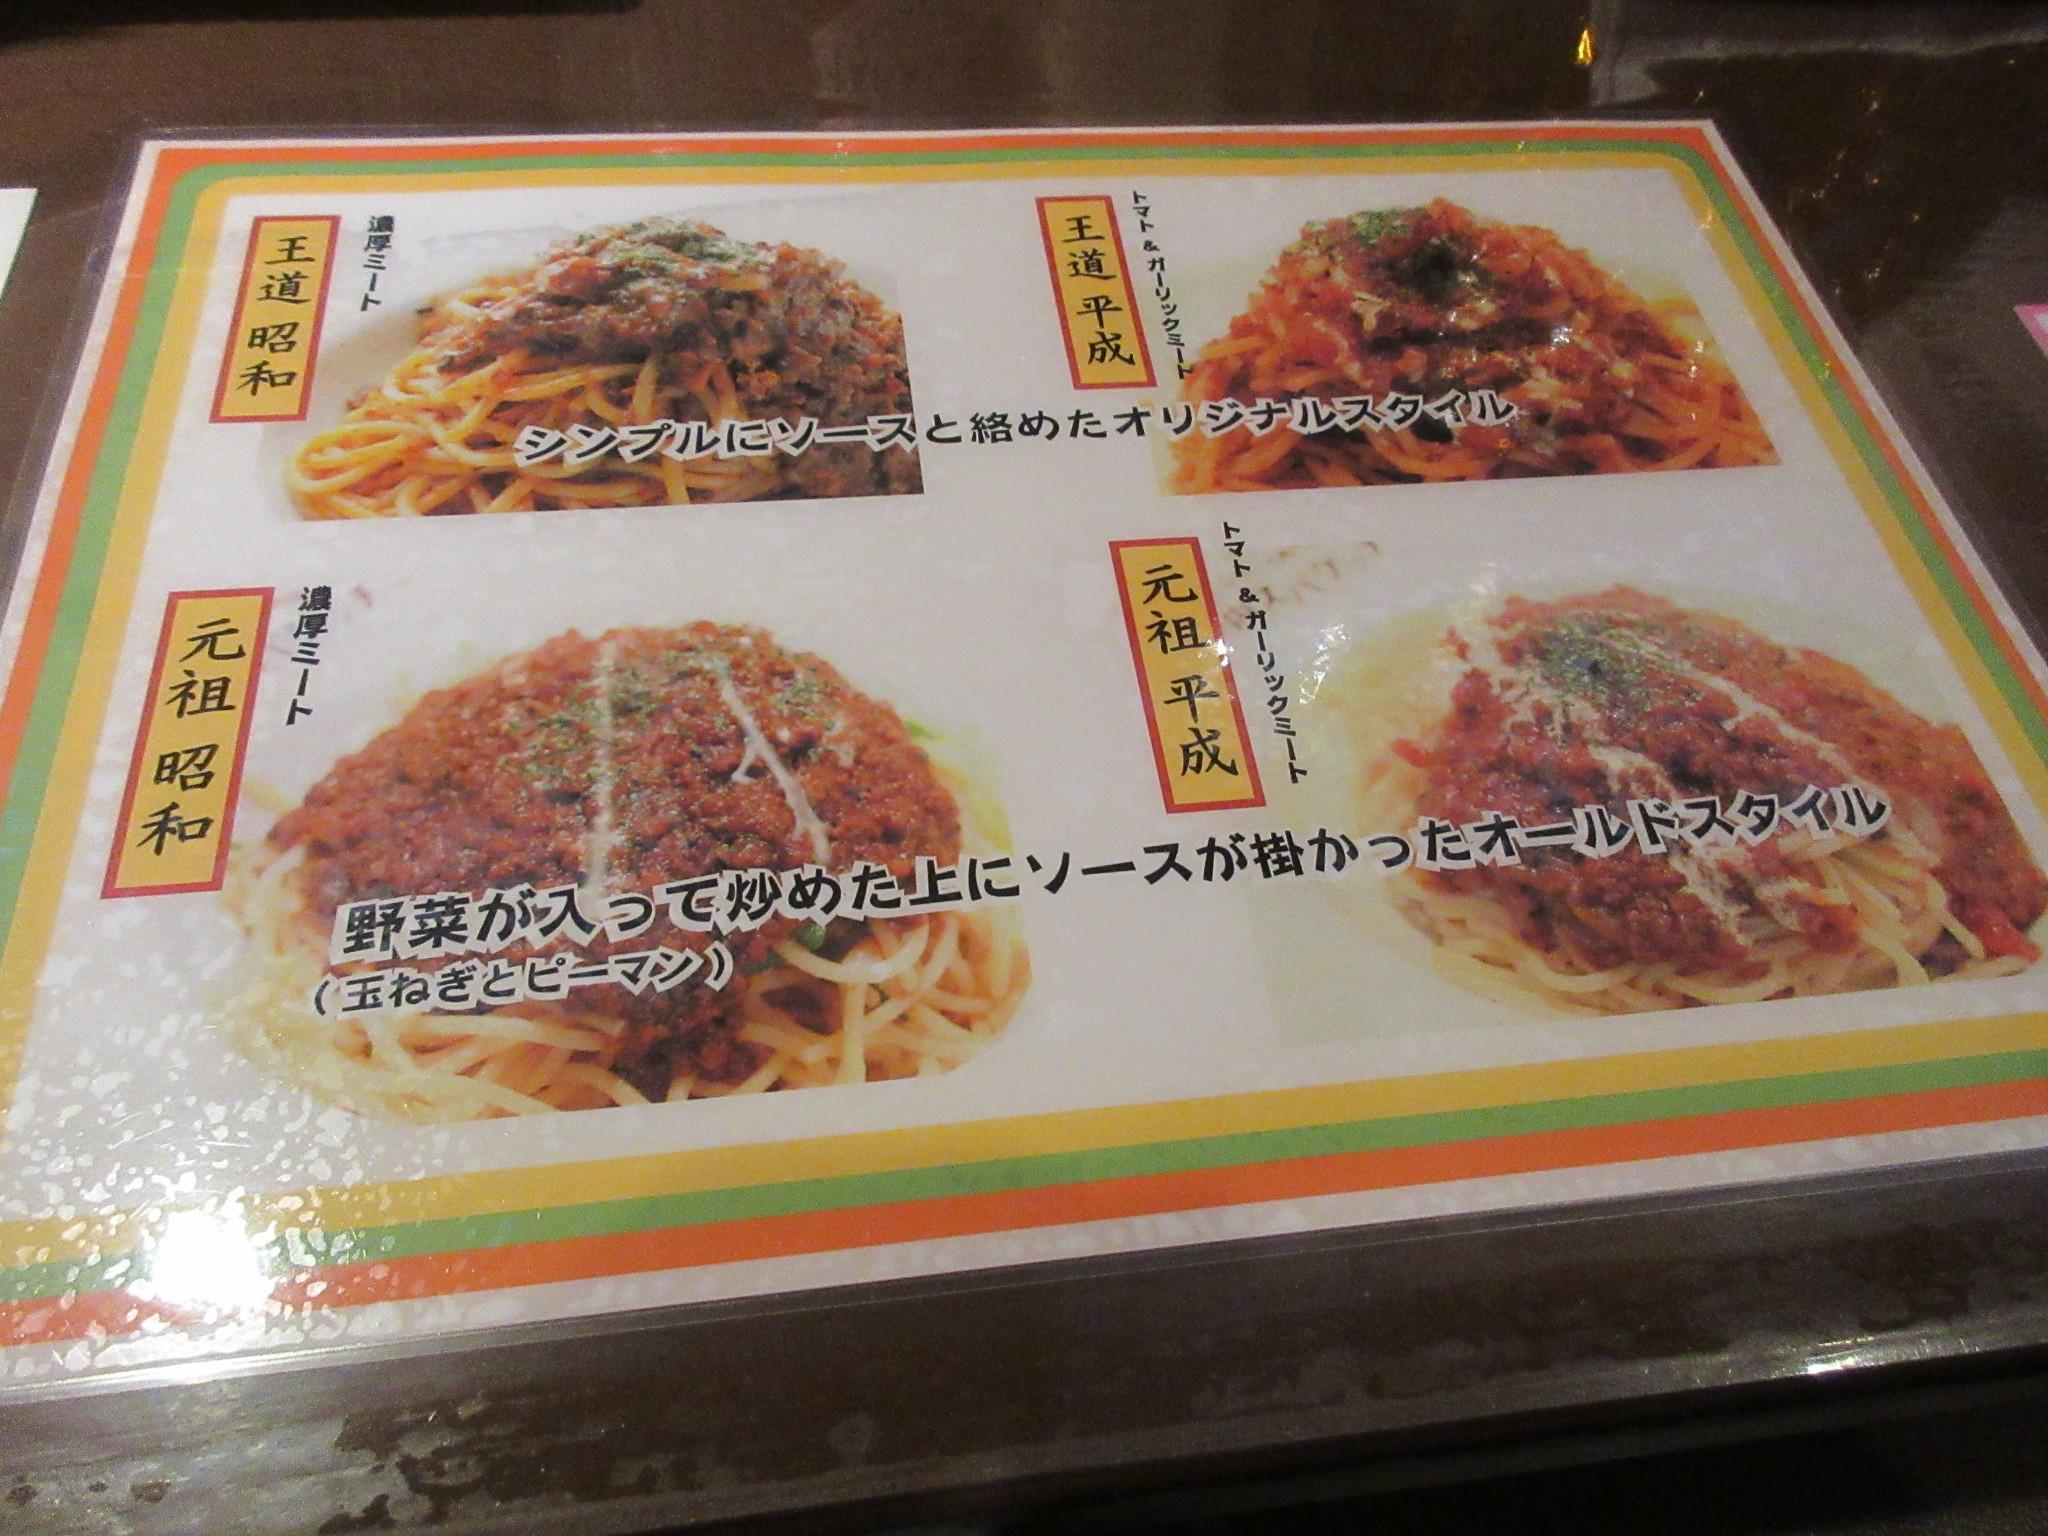 スパゲッティーのスタイル紹介